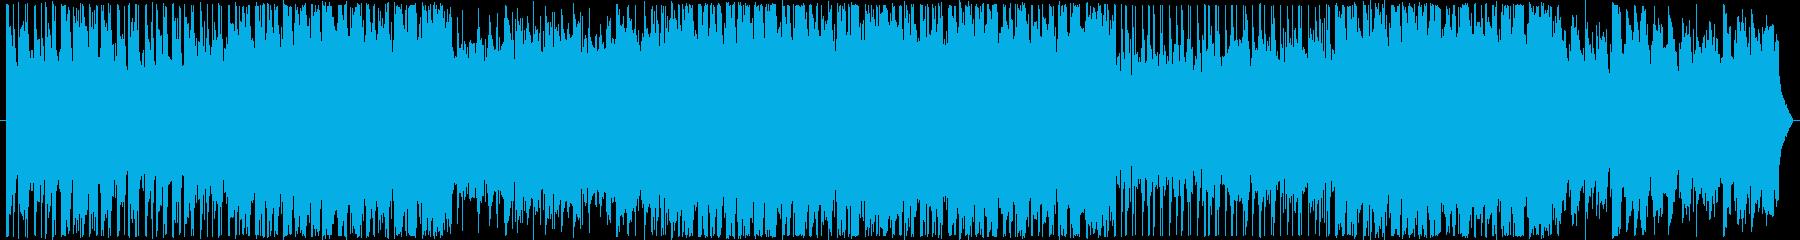 ほのぼのとしたかんじですの再生済みの波形